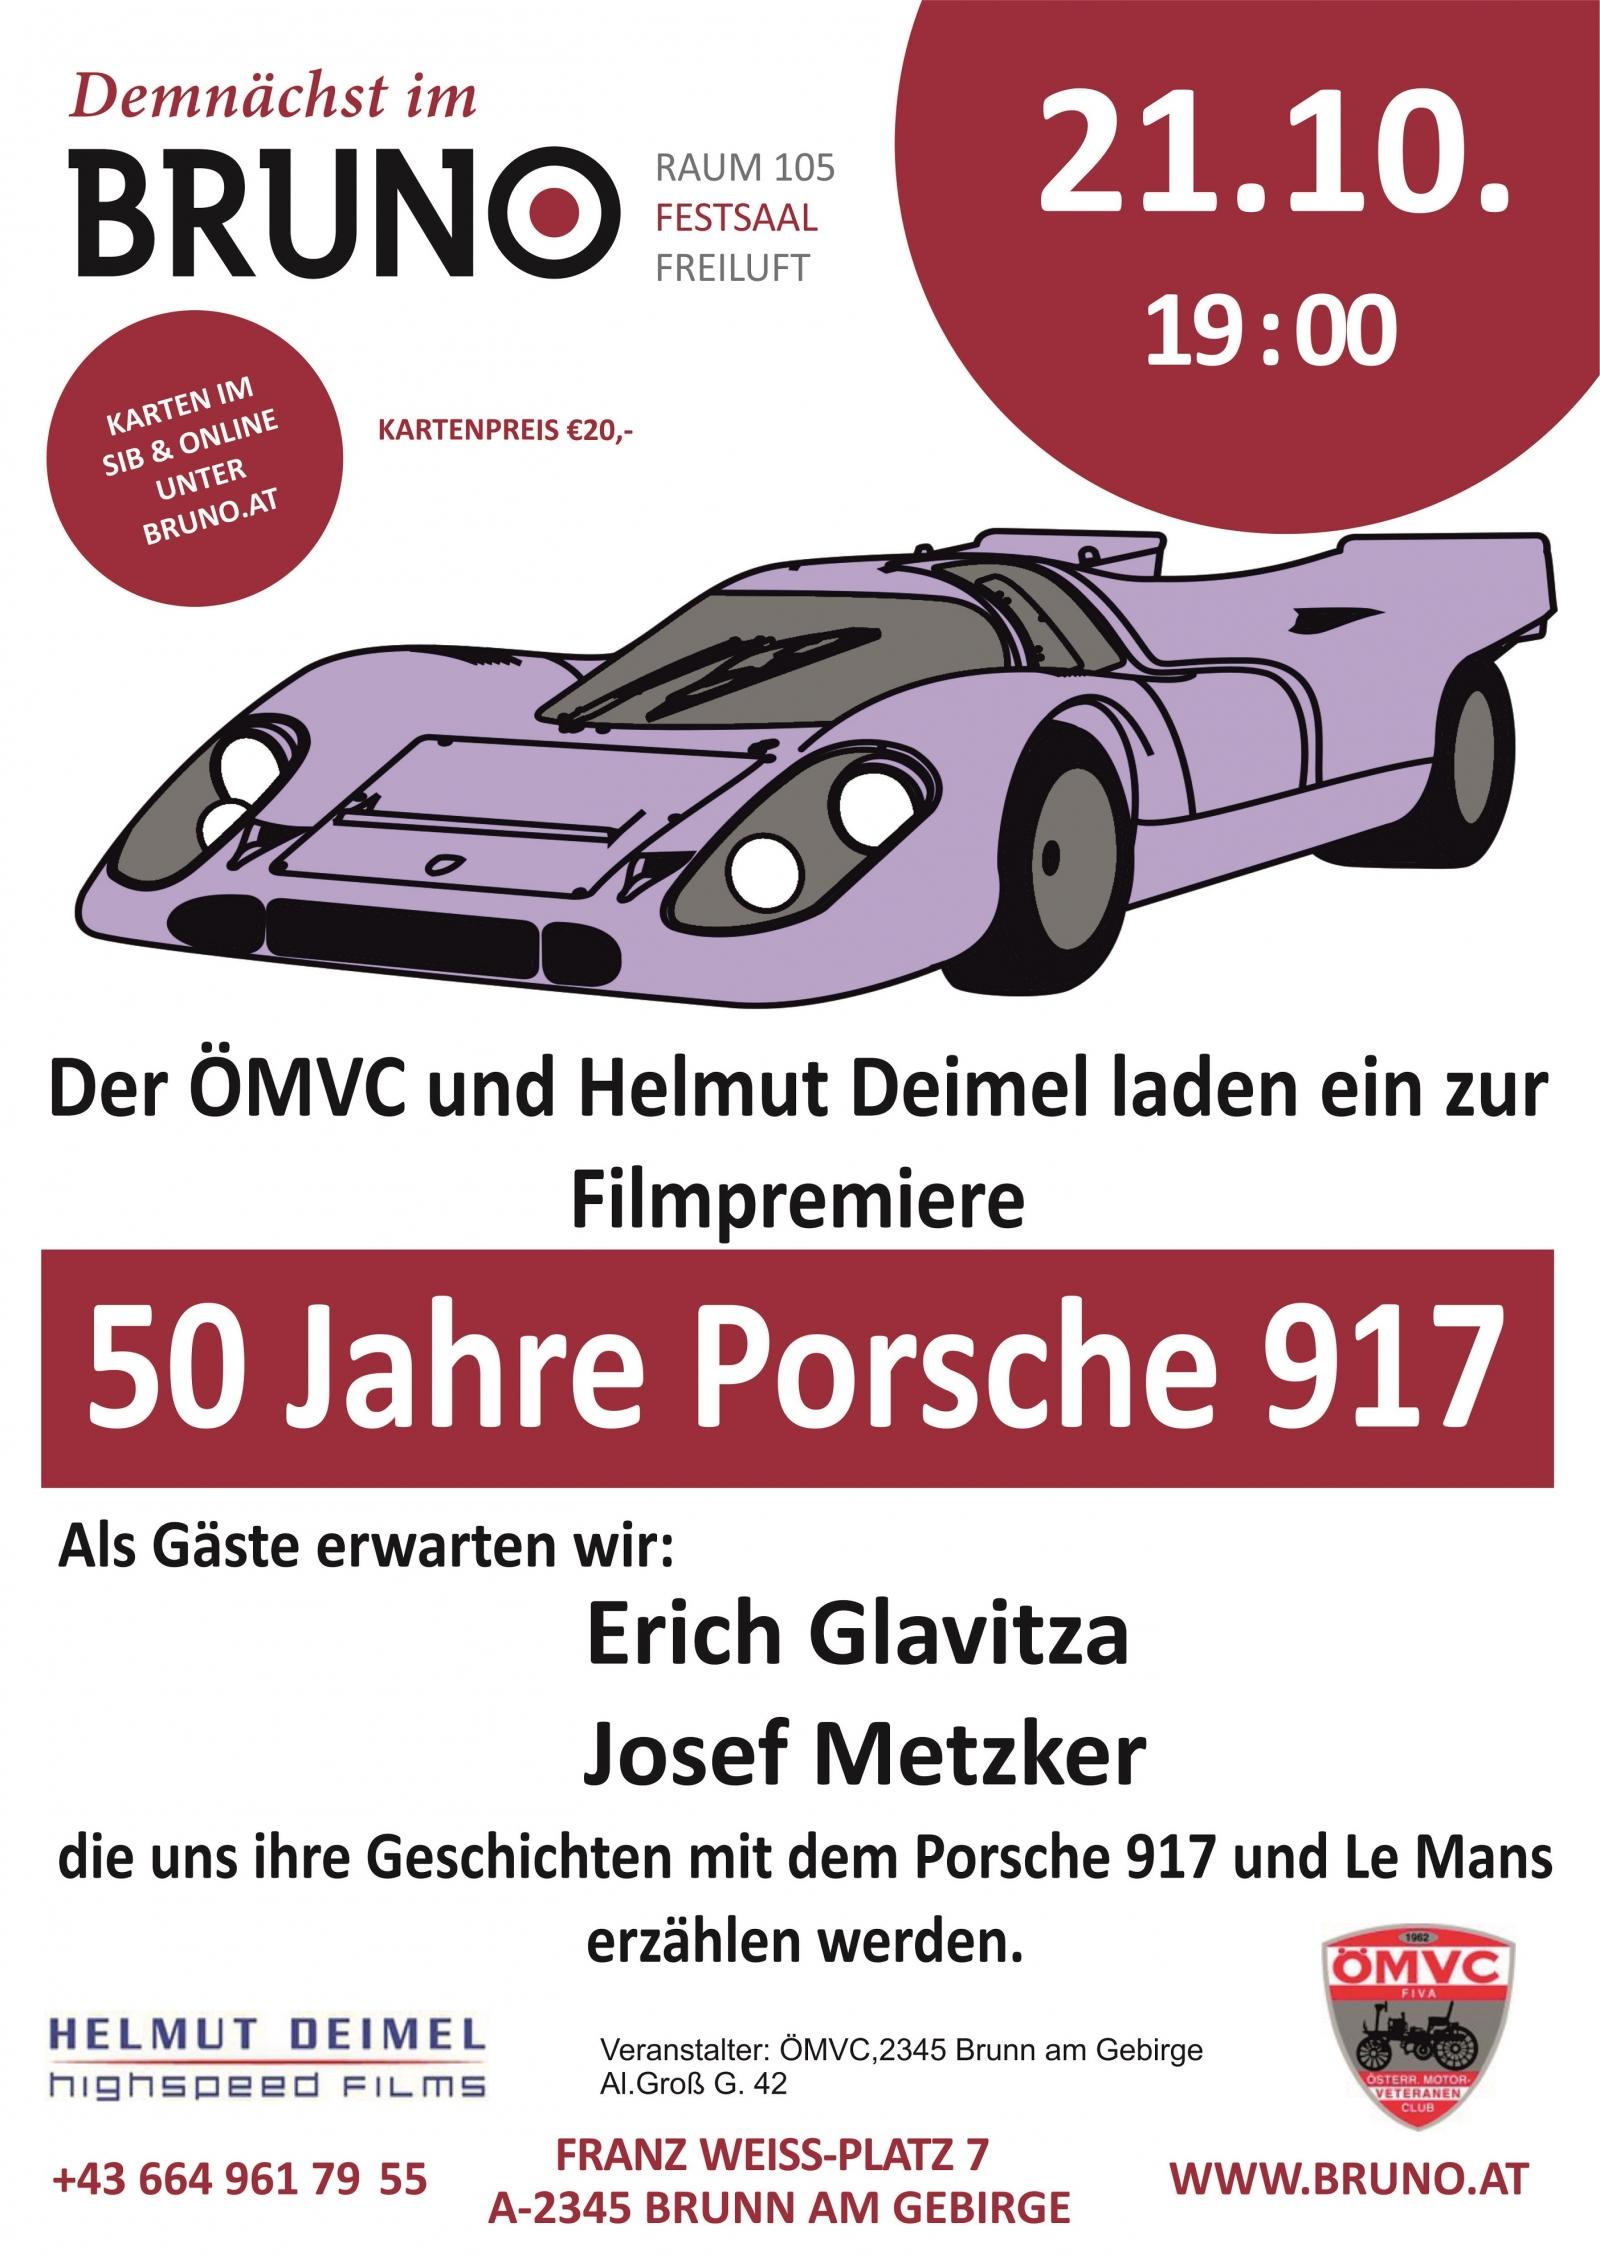 50 Jahre Porsche 917